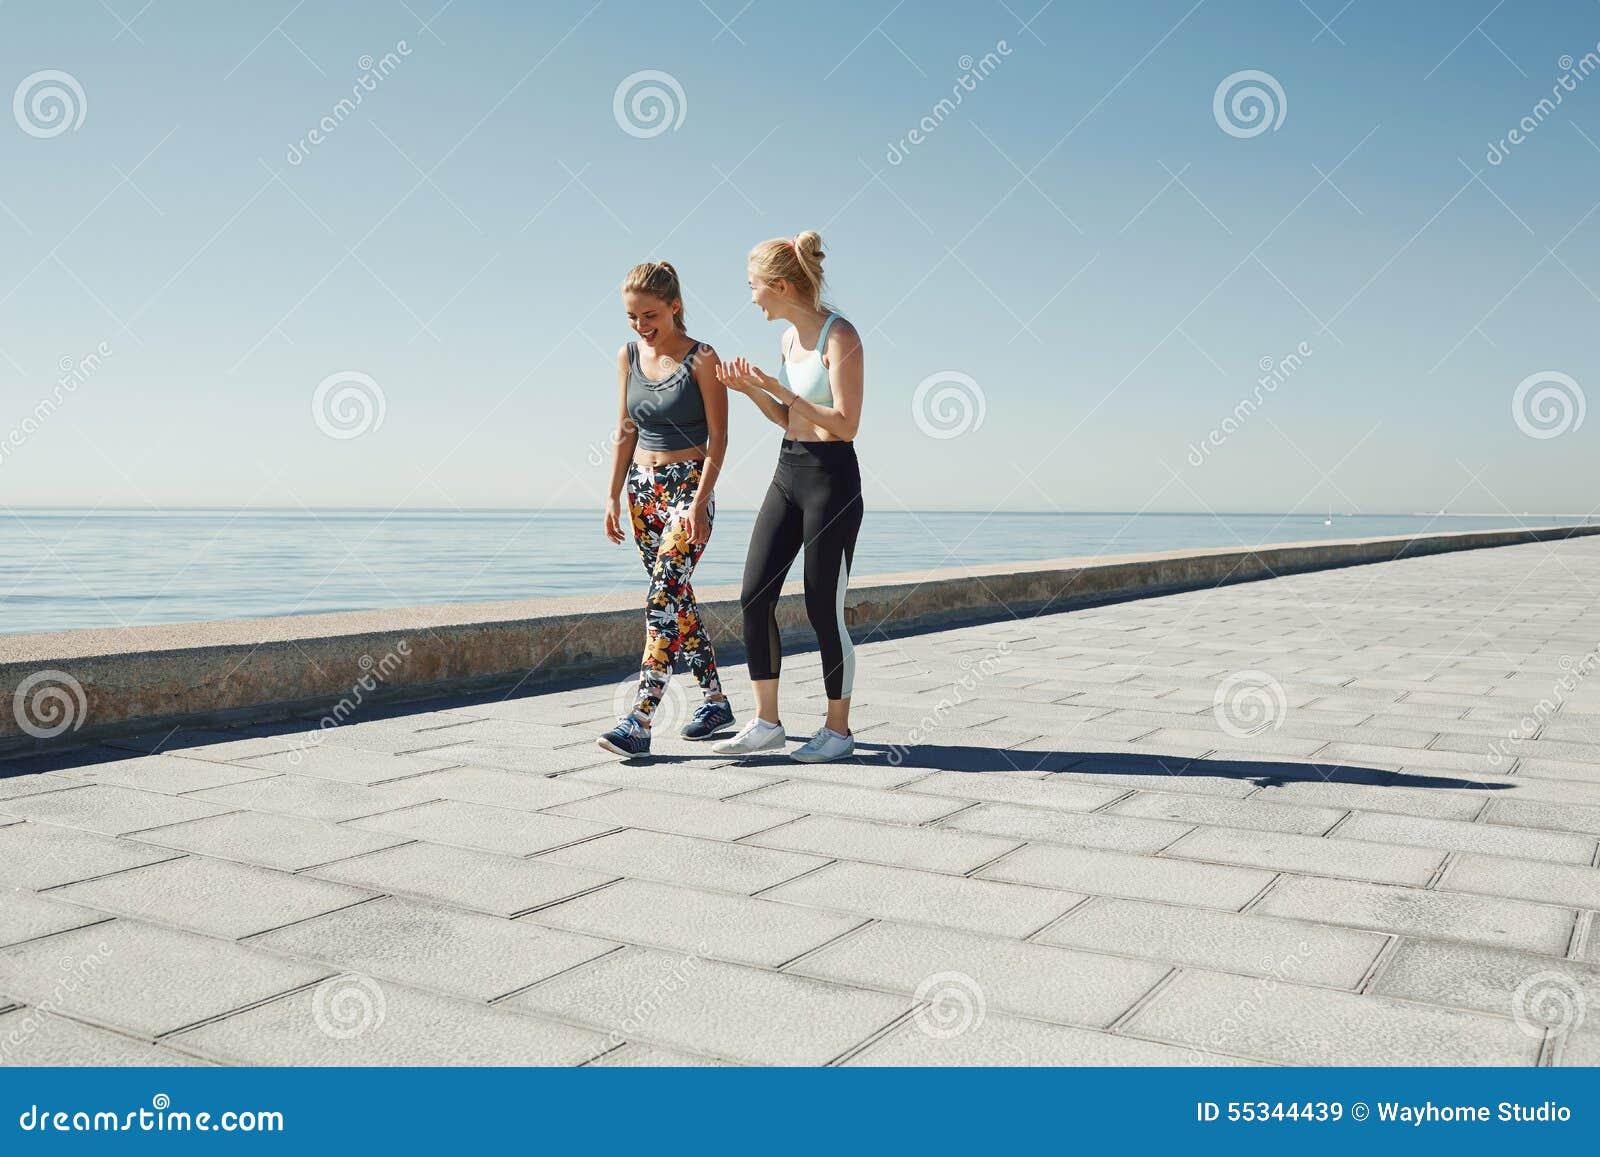 Couplez la femelle courant en exerçant pulser heureux sur le bord de mer